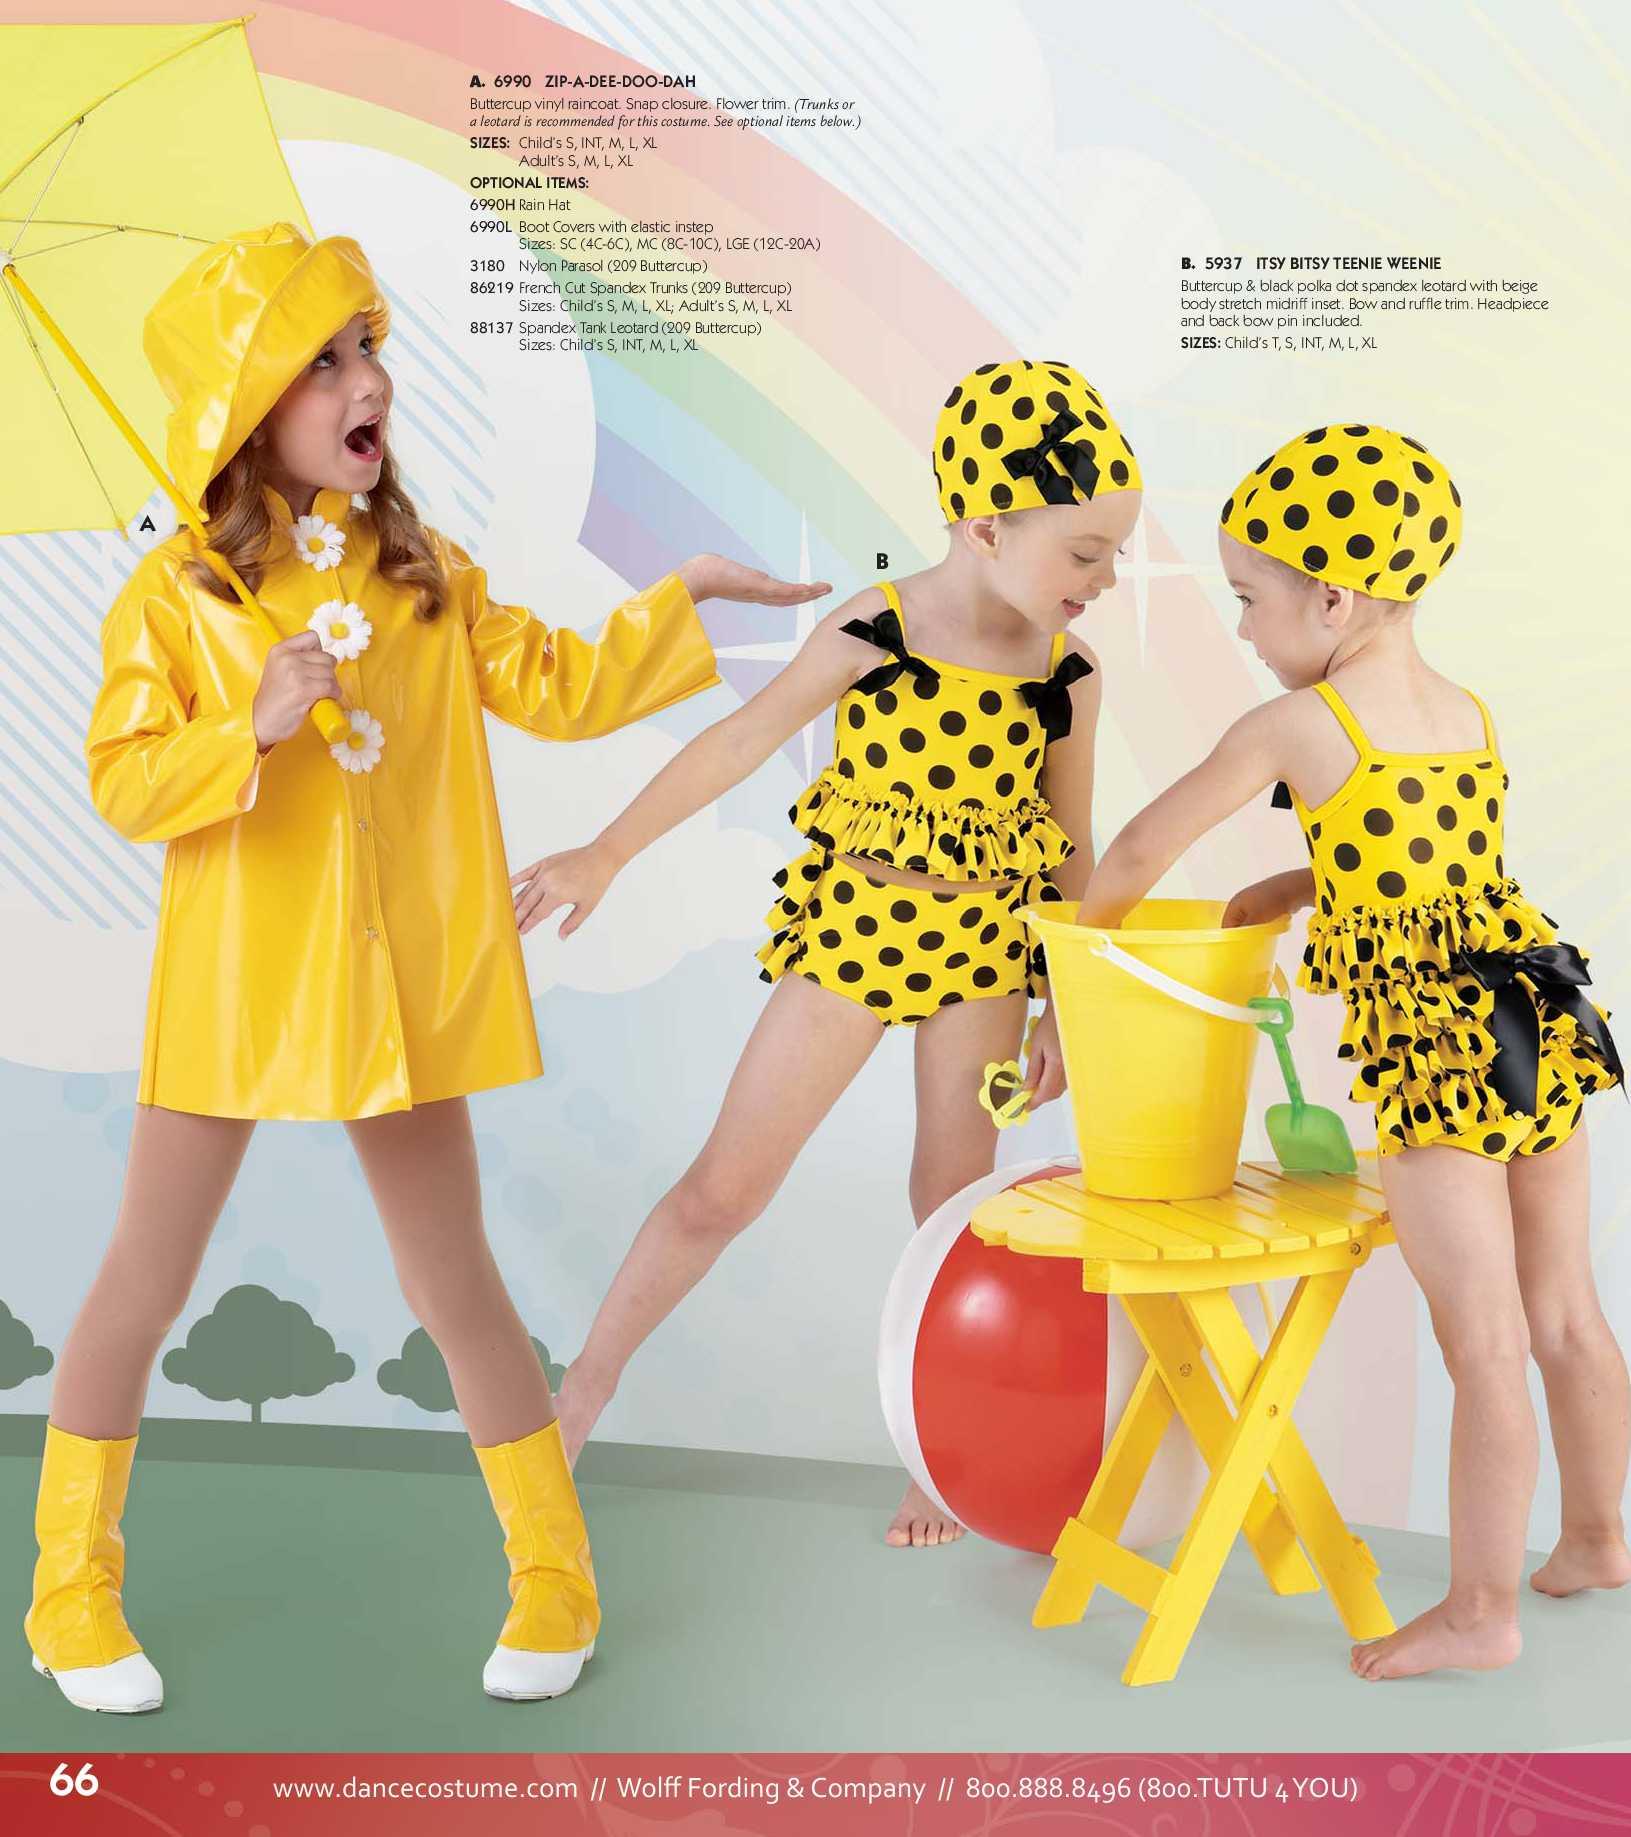 Itsy bitsy tiny weenie yellow polka dot bikini lyrics